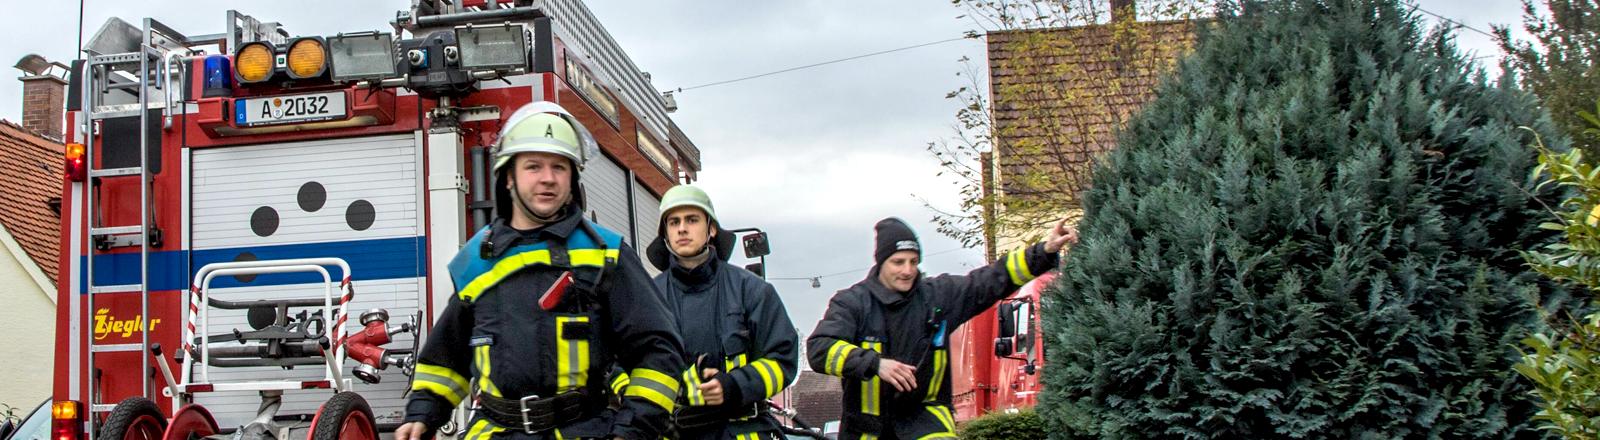 Szenario Brandstiftung an Wohnhaus. Übung der freiwilligen Feuerwehr Kriegshaber in Augsburg